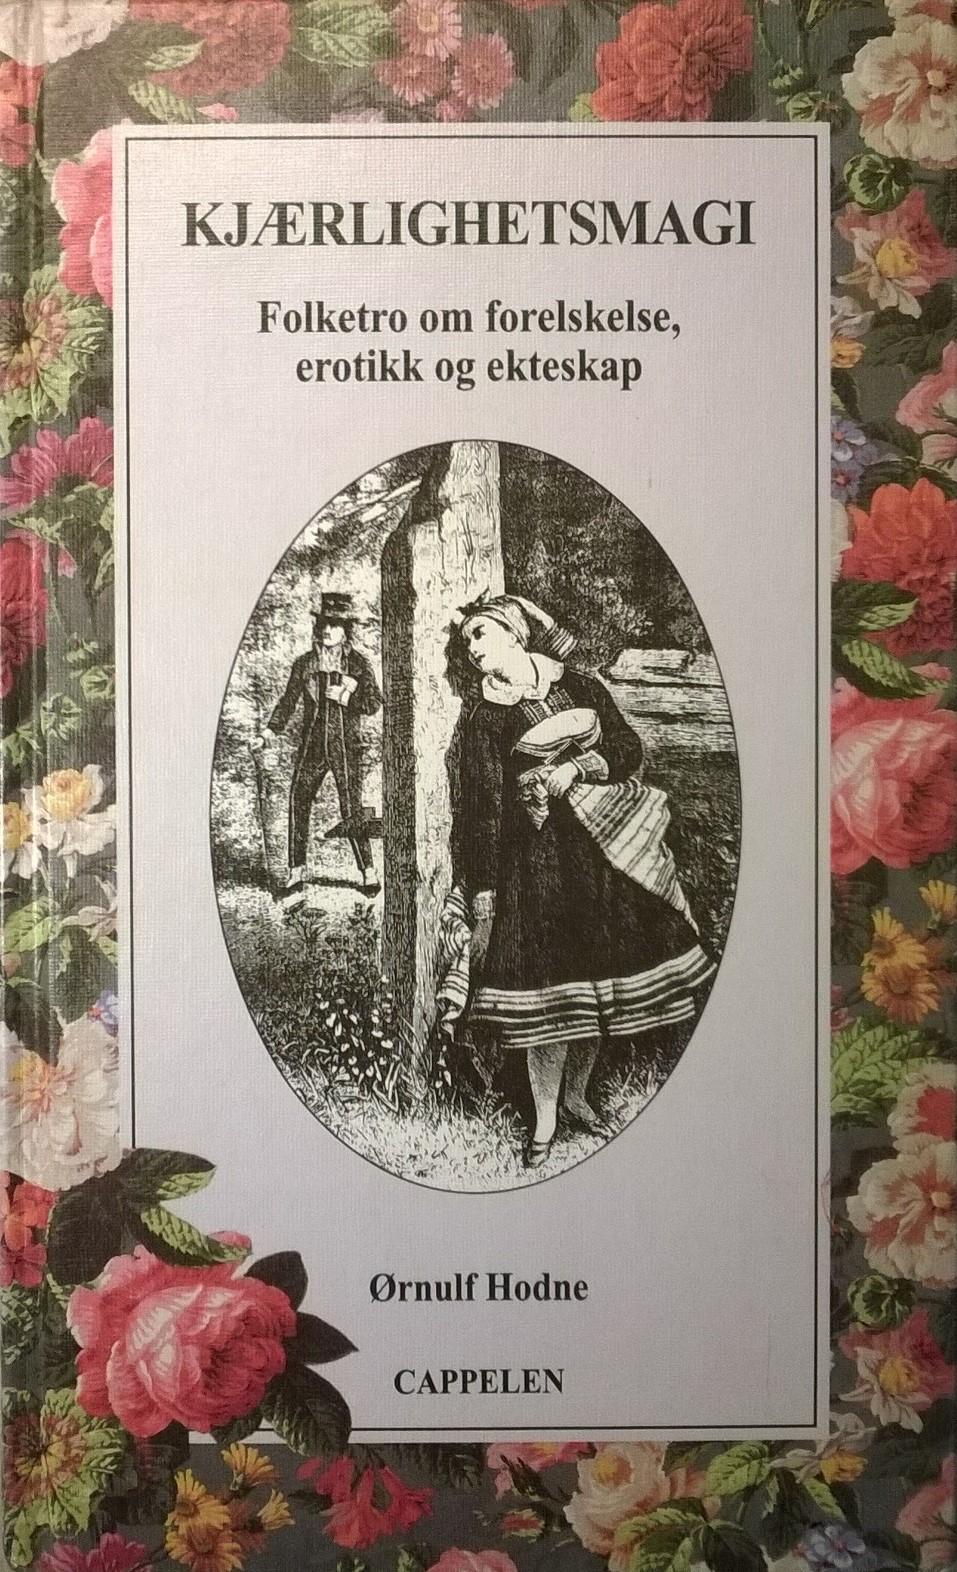 Hodne, Ørnulf Kjærlighetsmagi: Folketro om forelskelse, erotikk og ekteskap